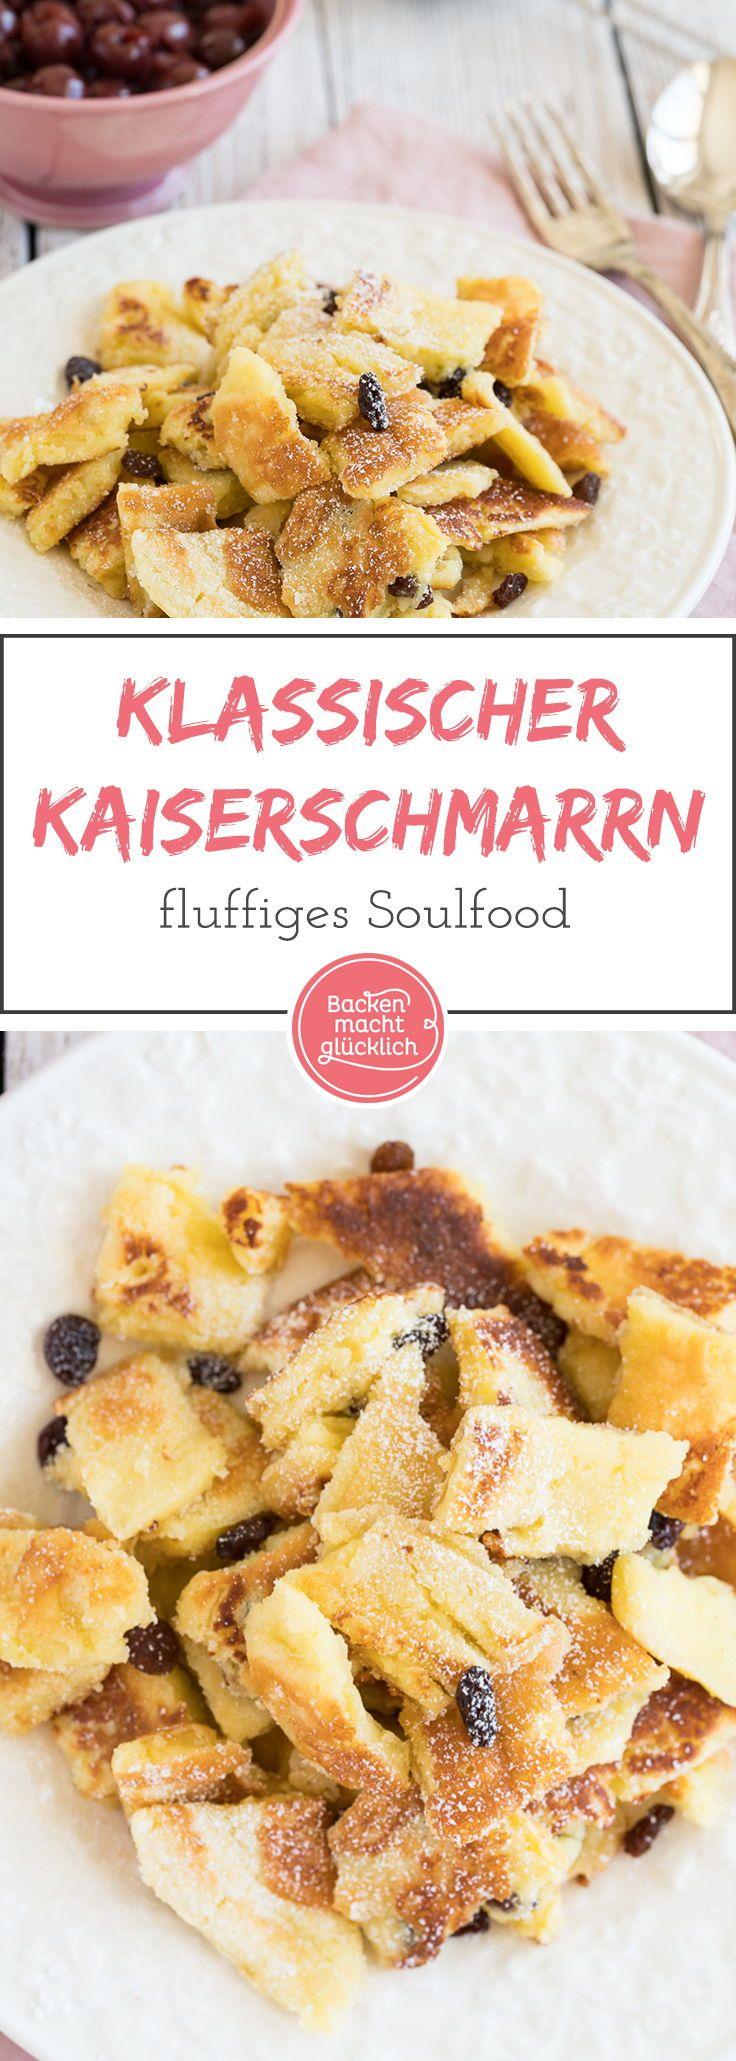 Kaiserschmarrn ist eine der bekanntesten österreichischen Süßspeisen und echtes Soulfood für daheim: Dieser schnelle Kaiserschmarrn ist herrlich fluffig und zergeht auf der Zunge!